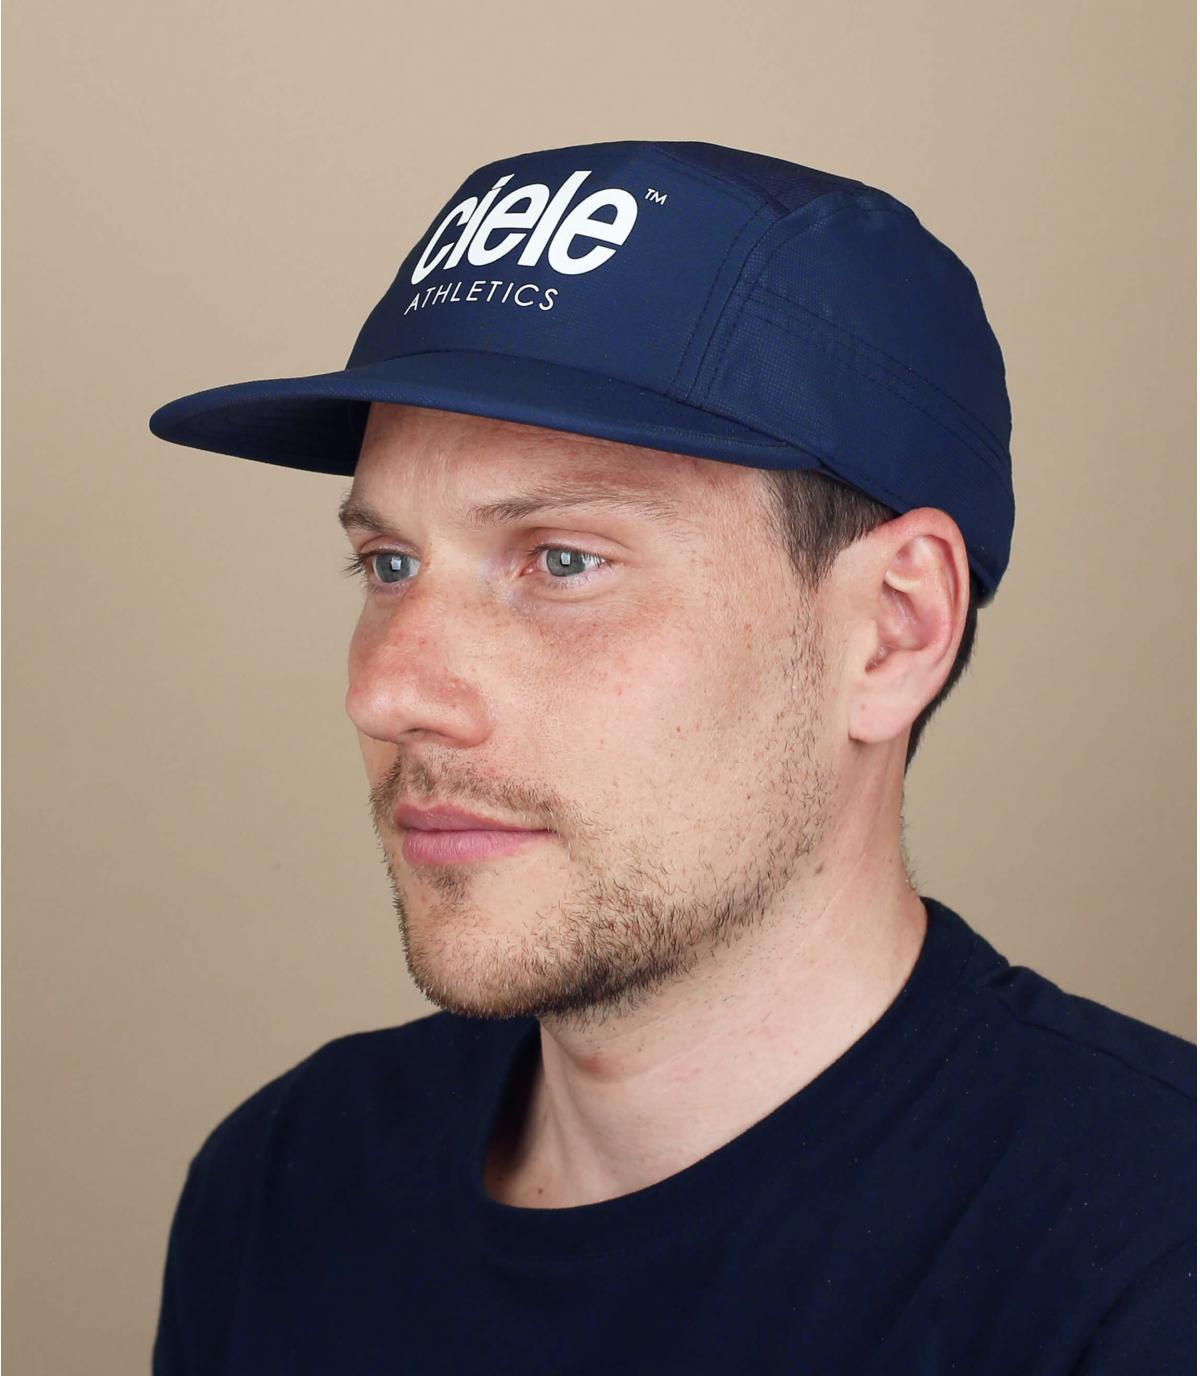 ciele blauwe running cap